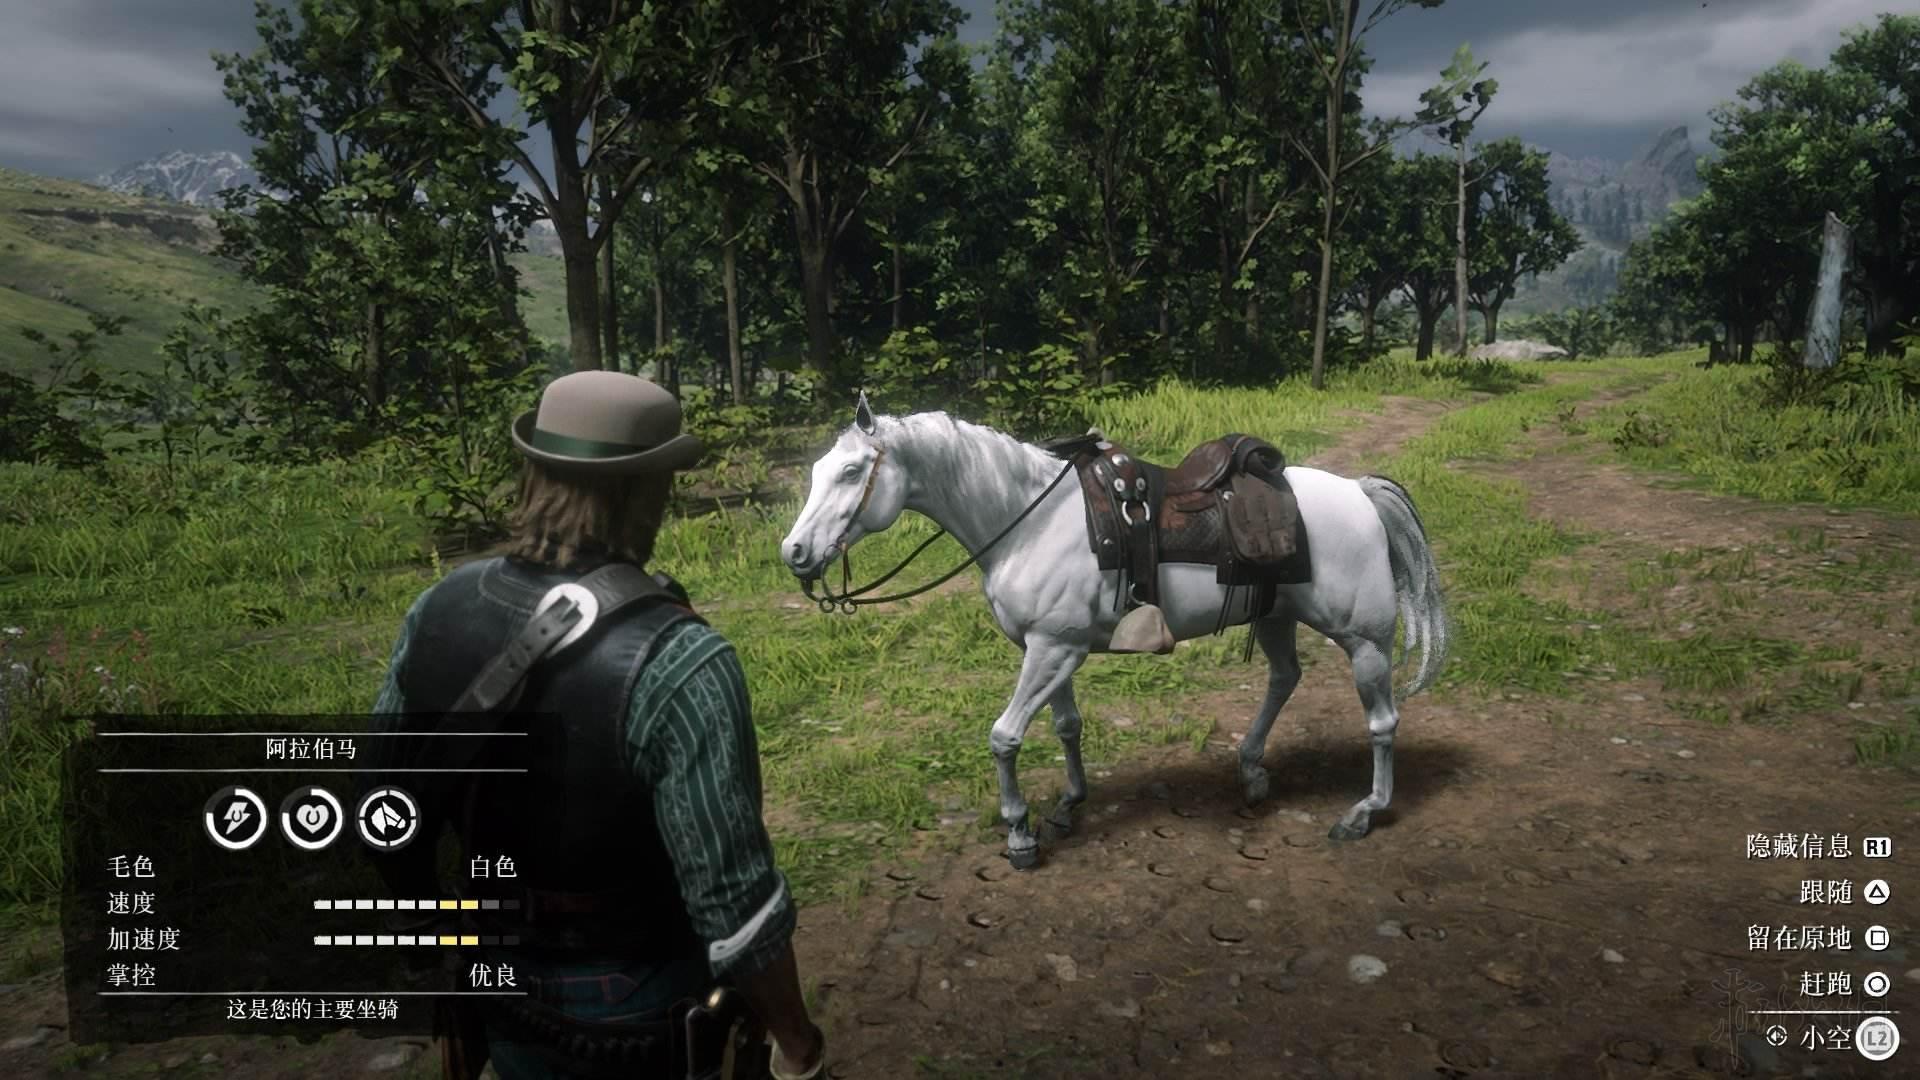 荒野大鏢客2最好的馬